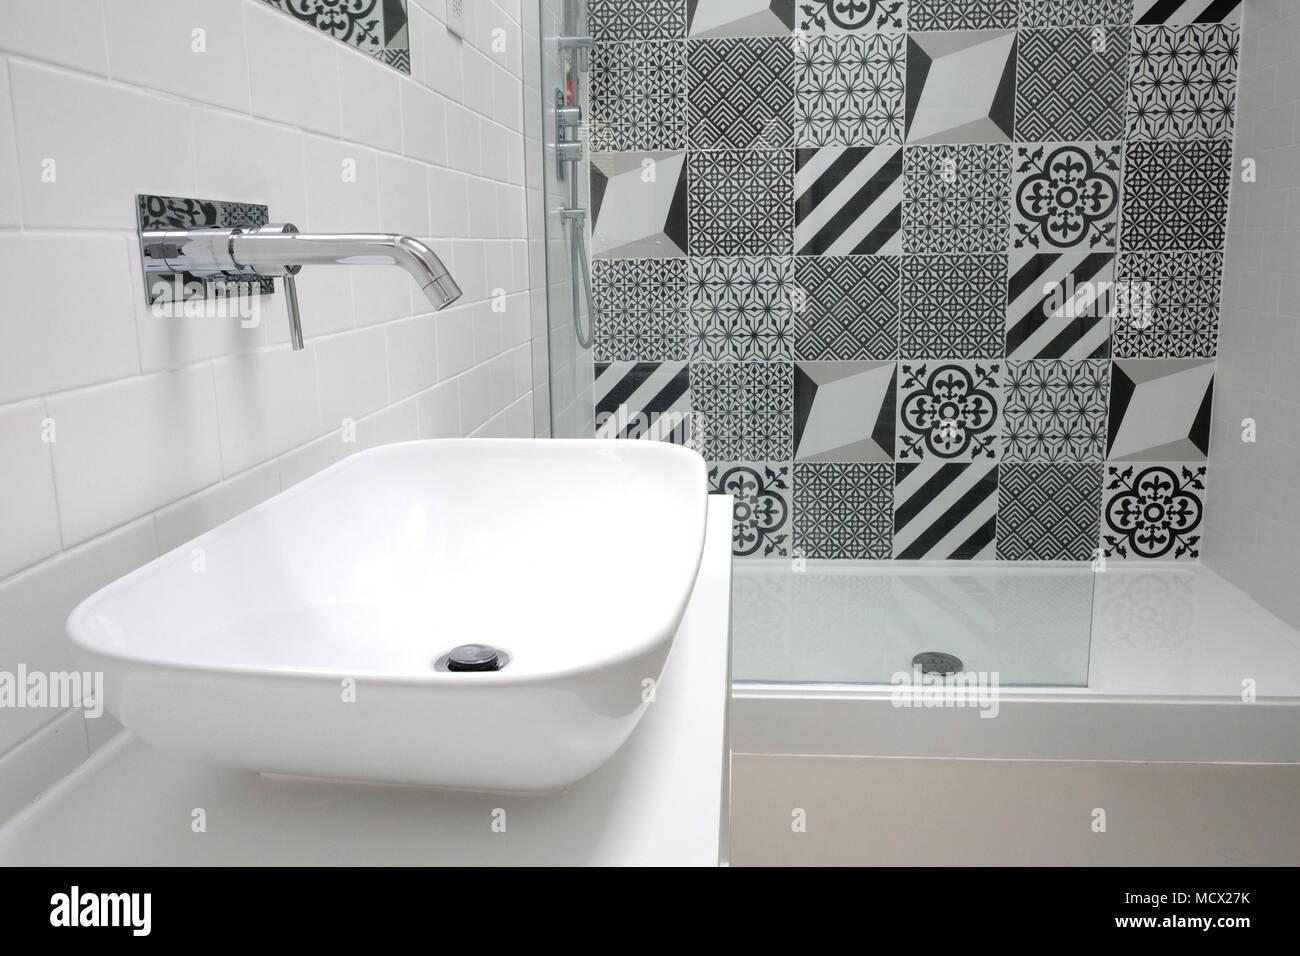 Stanza da bagno suite bianca con monocromatico patchwork le